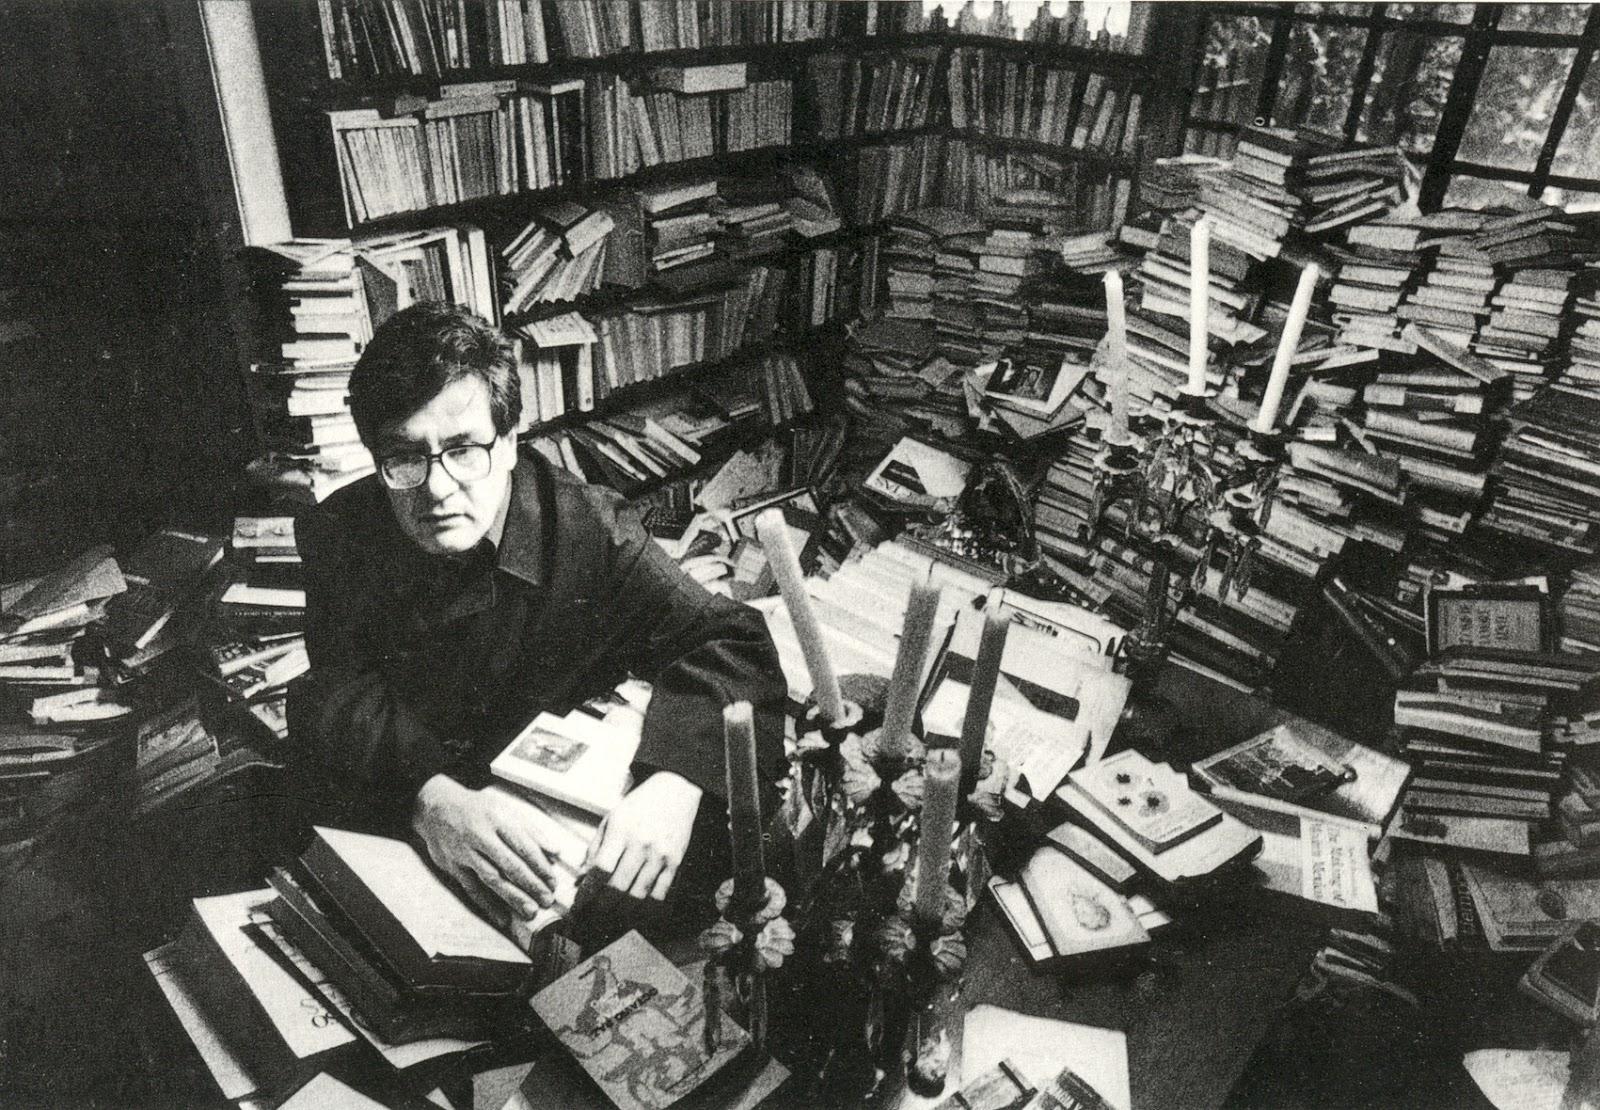 SE MUEREN LOS HOMBRES BUENOS: A los 74 años, fallece el escritor y poeta José Emilio Pacheco, Premio Cervantes 2009